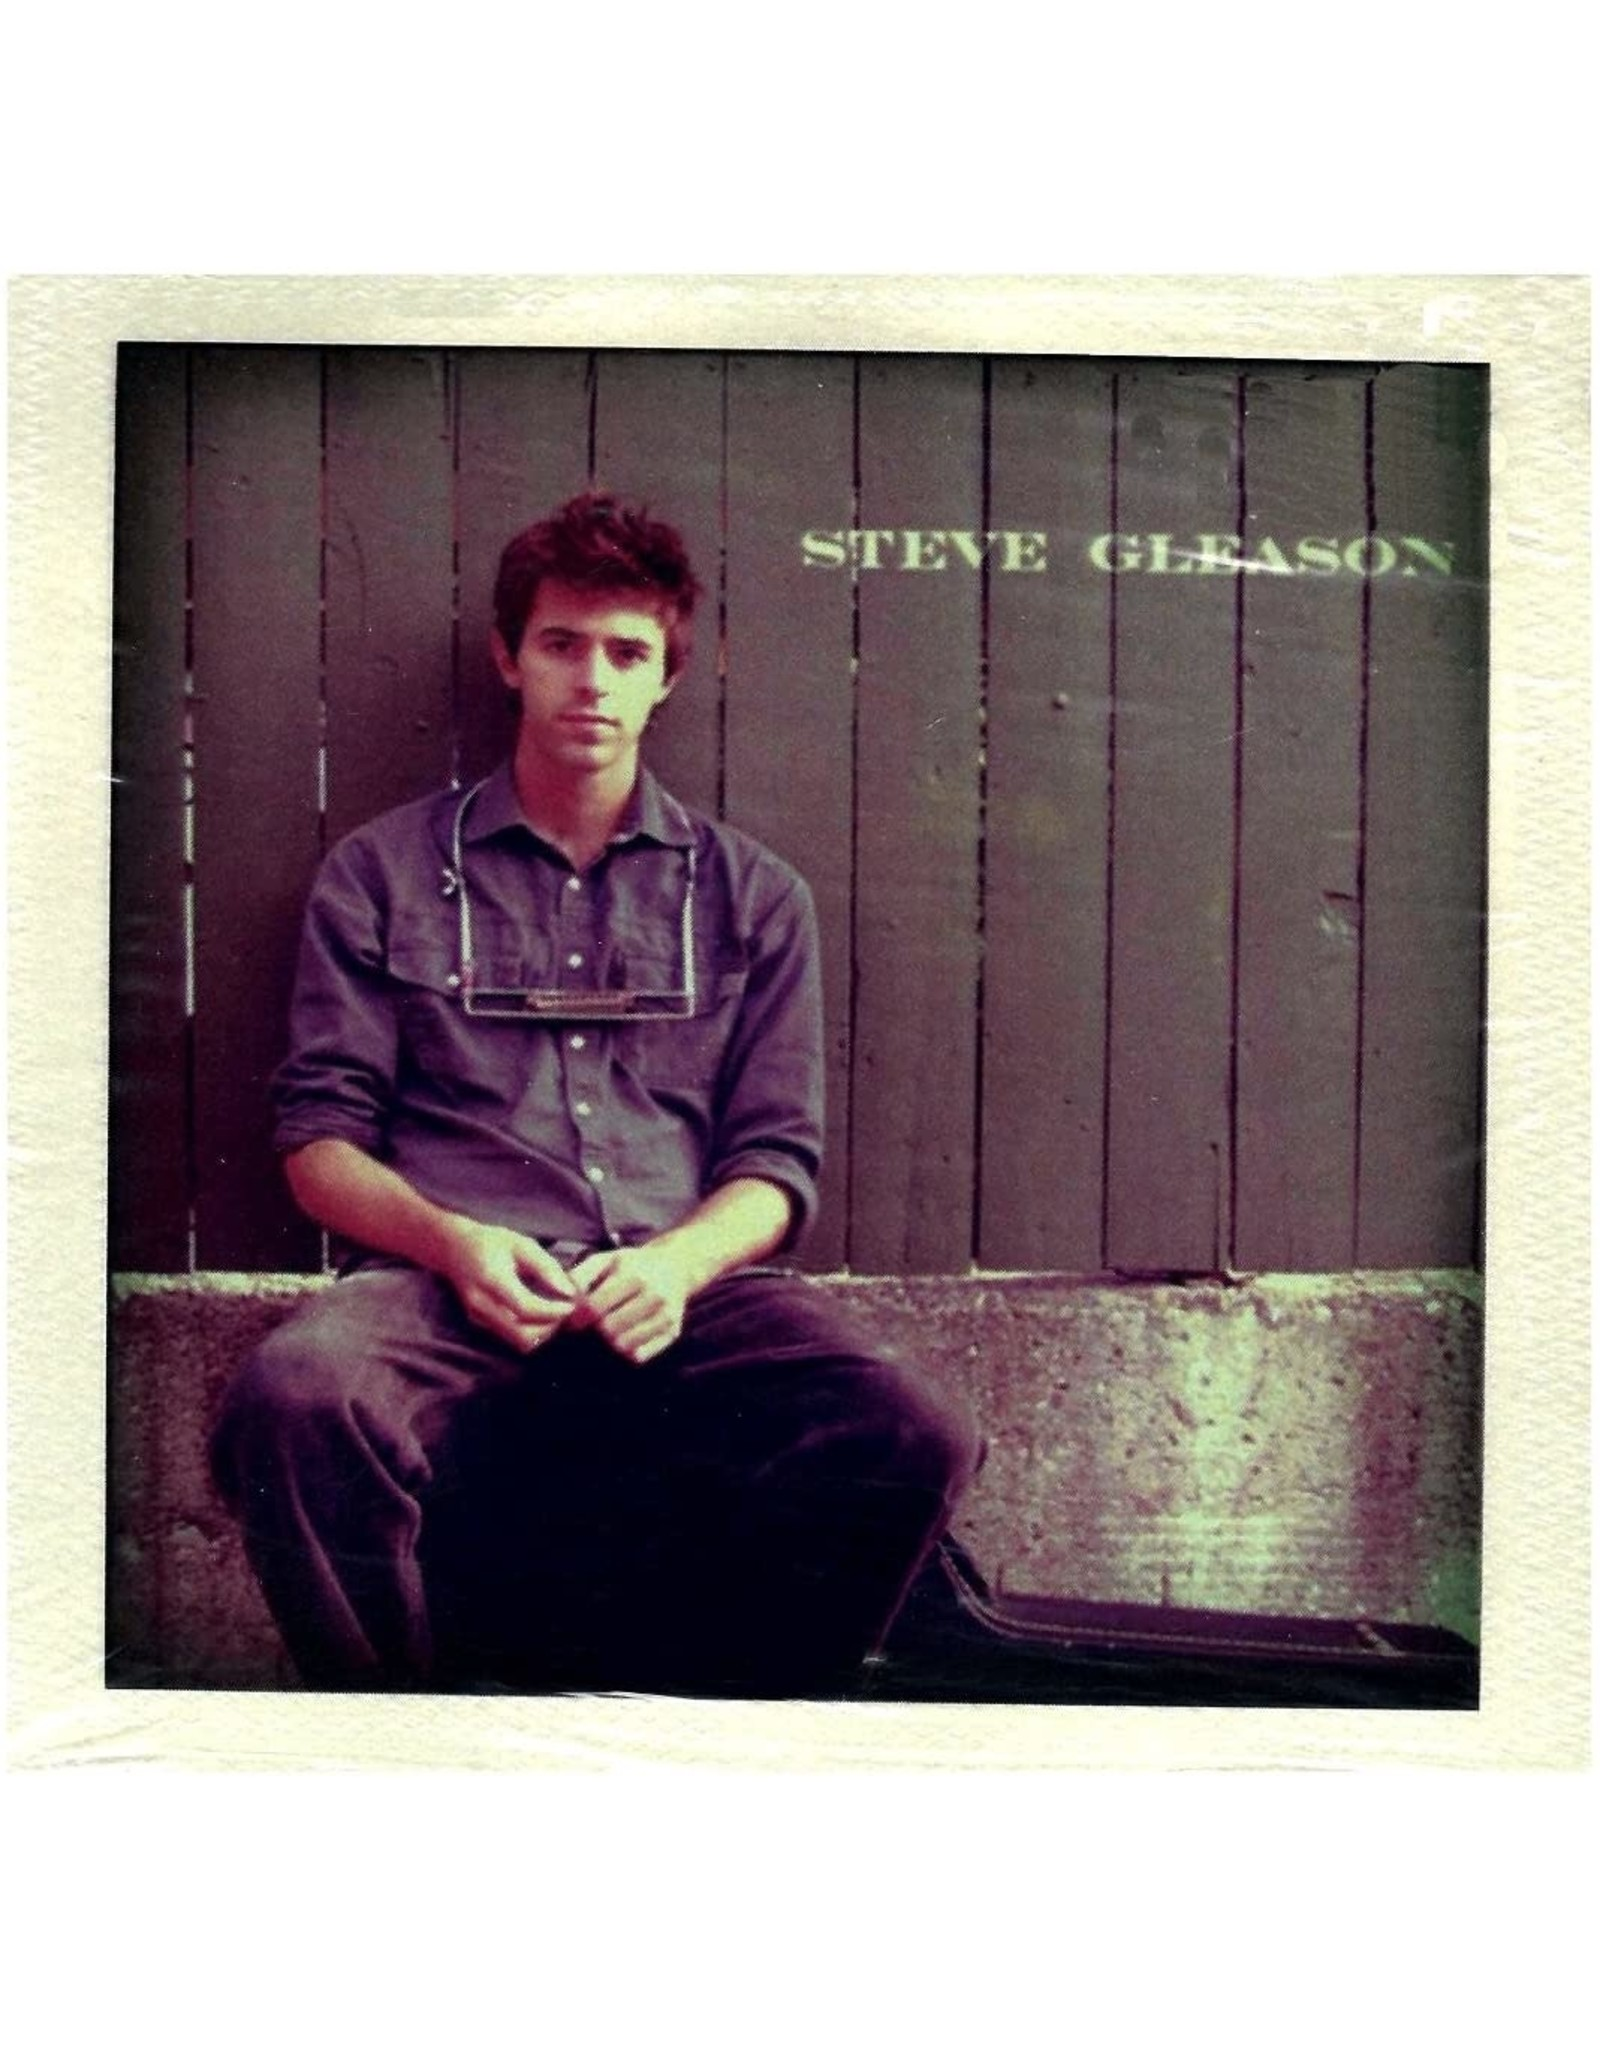 Gleason, Steve - ST CD